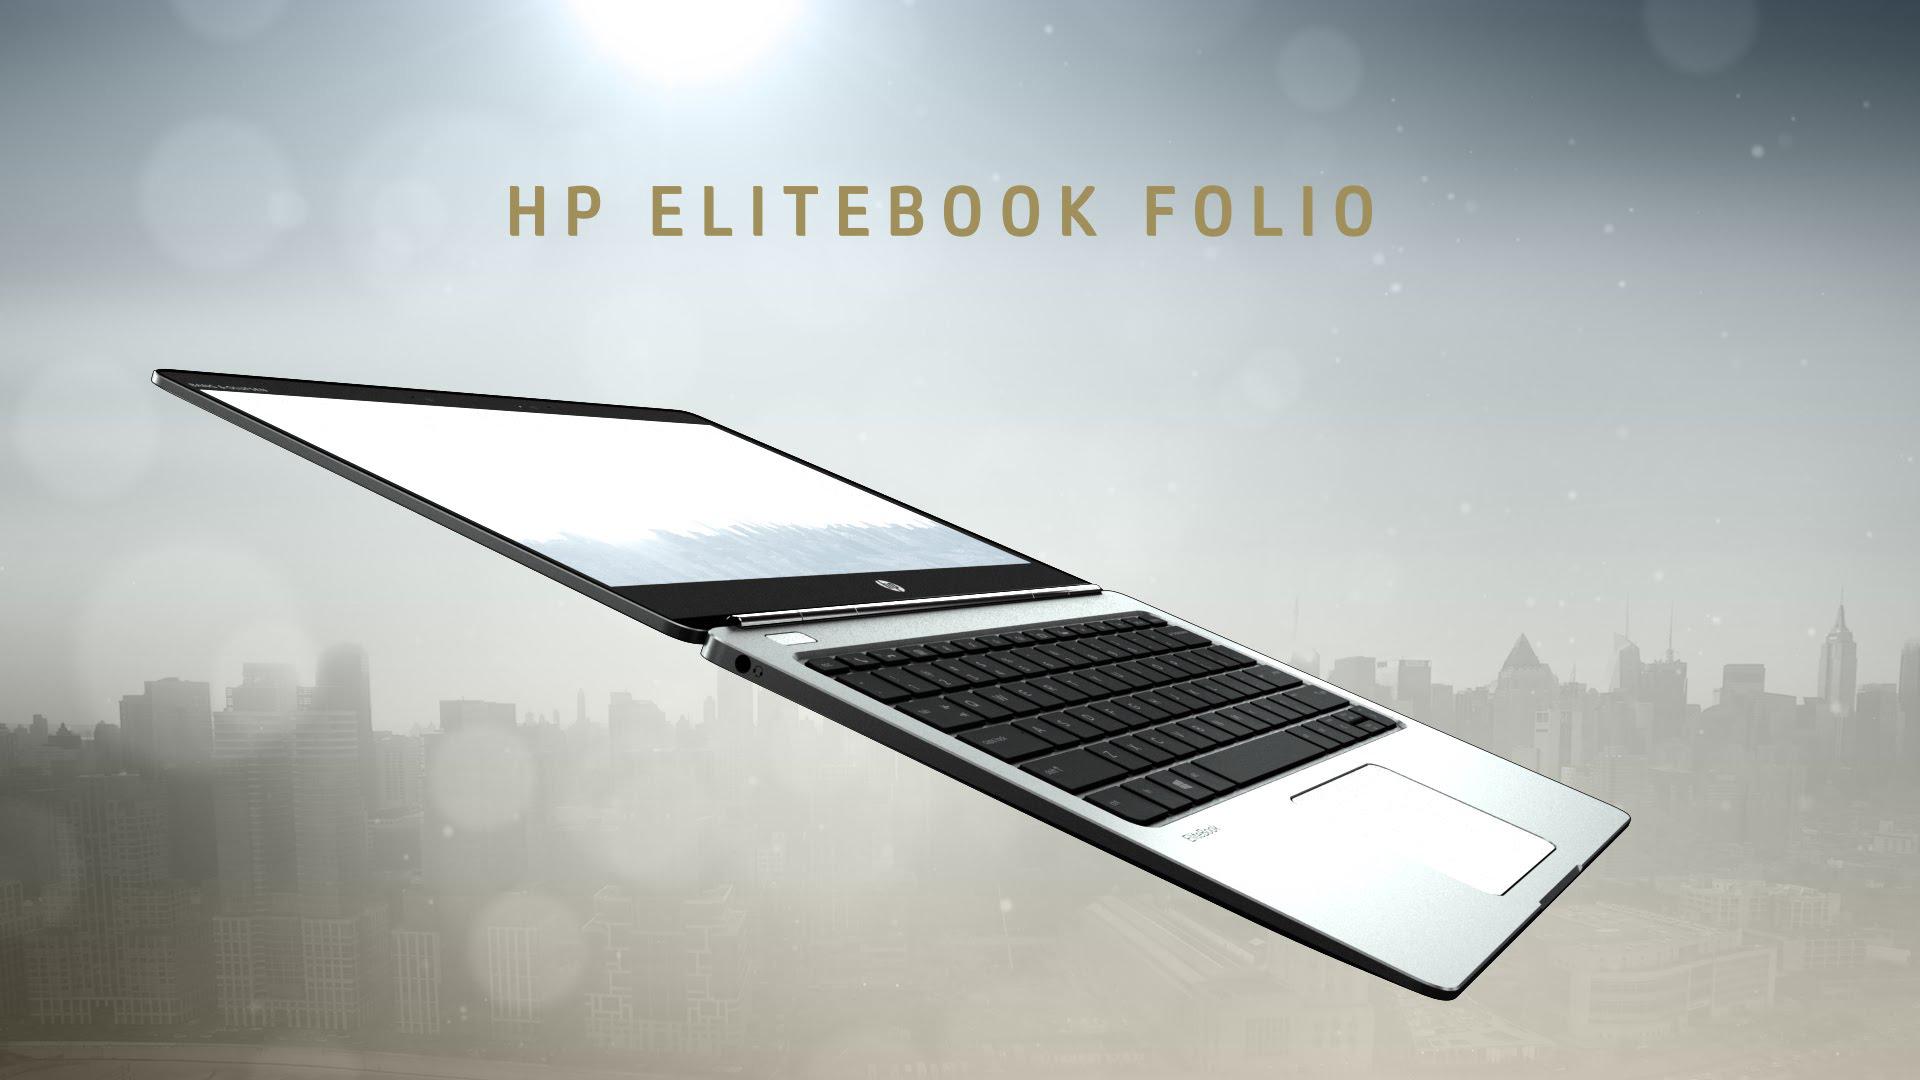 La empresa tecnológica apostará con este producto al mercado empresarial, su delgadez y su pantalla llamaron la atención en el CES